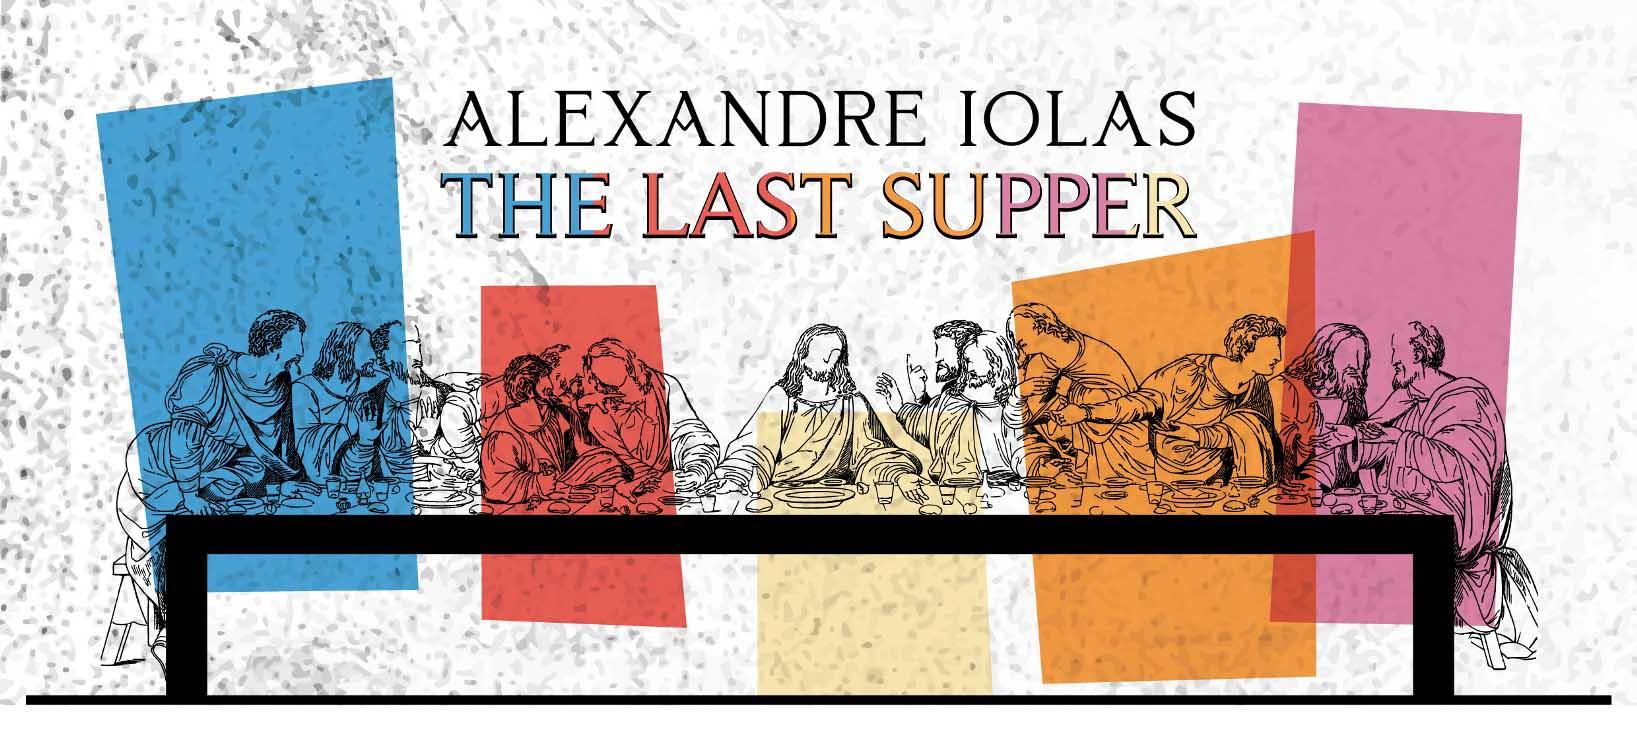 Ακύρωση της παράστασης «Alexandre Iolas, The Last Supper» του  Χριστόφορου Αντωνιάδη στη Βίλα του Αλέξανδρου Ιόλα